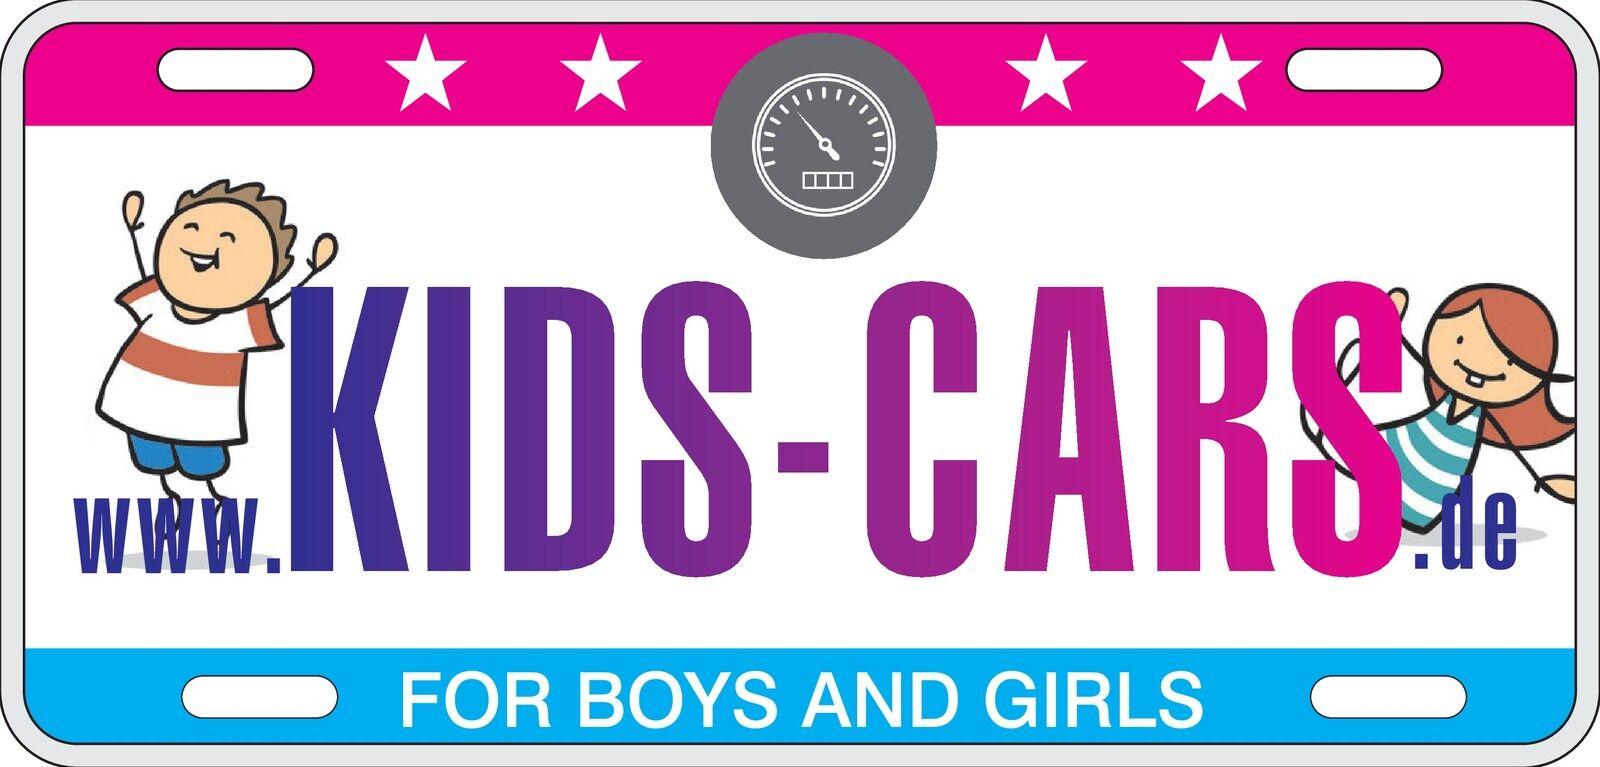 www.kids-cars.de